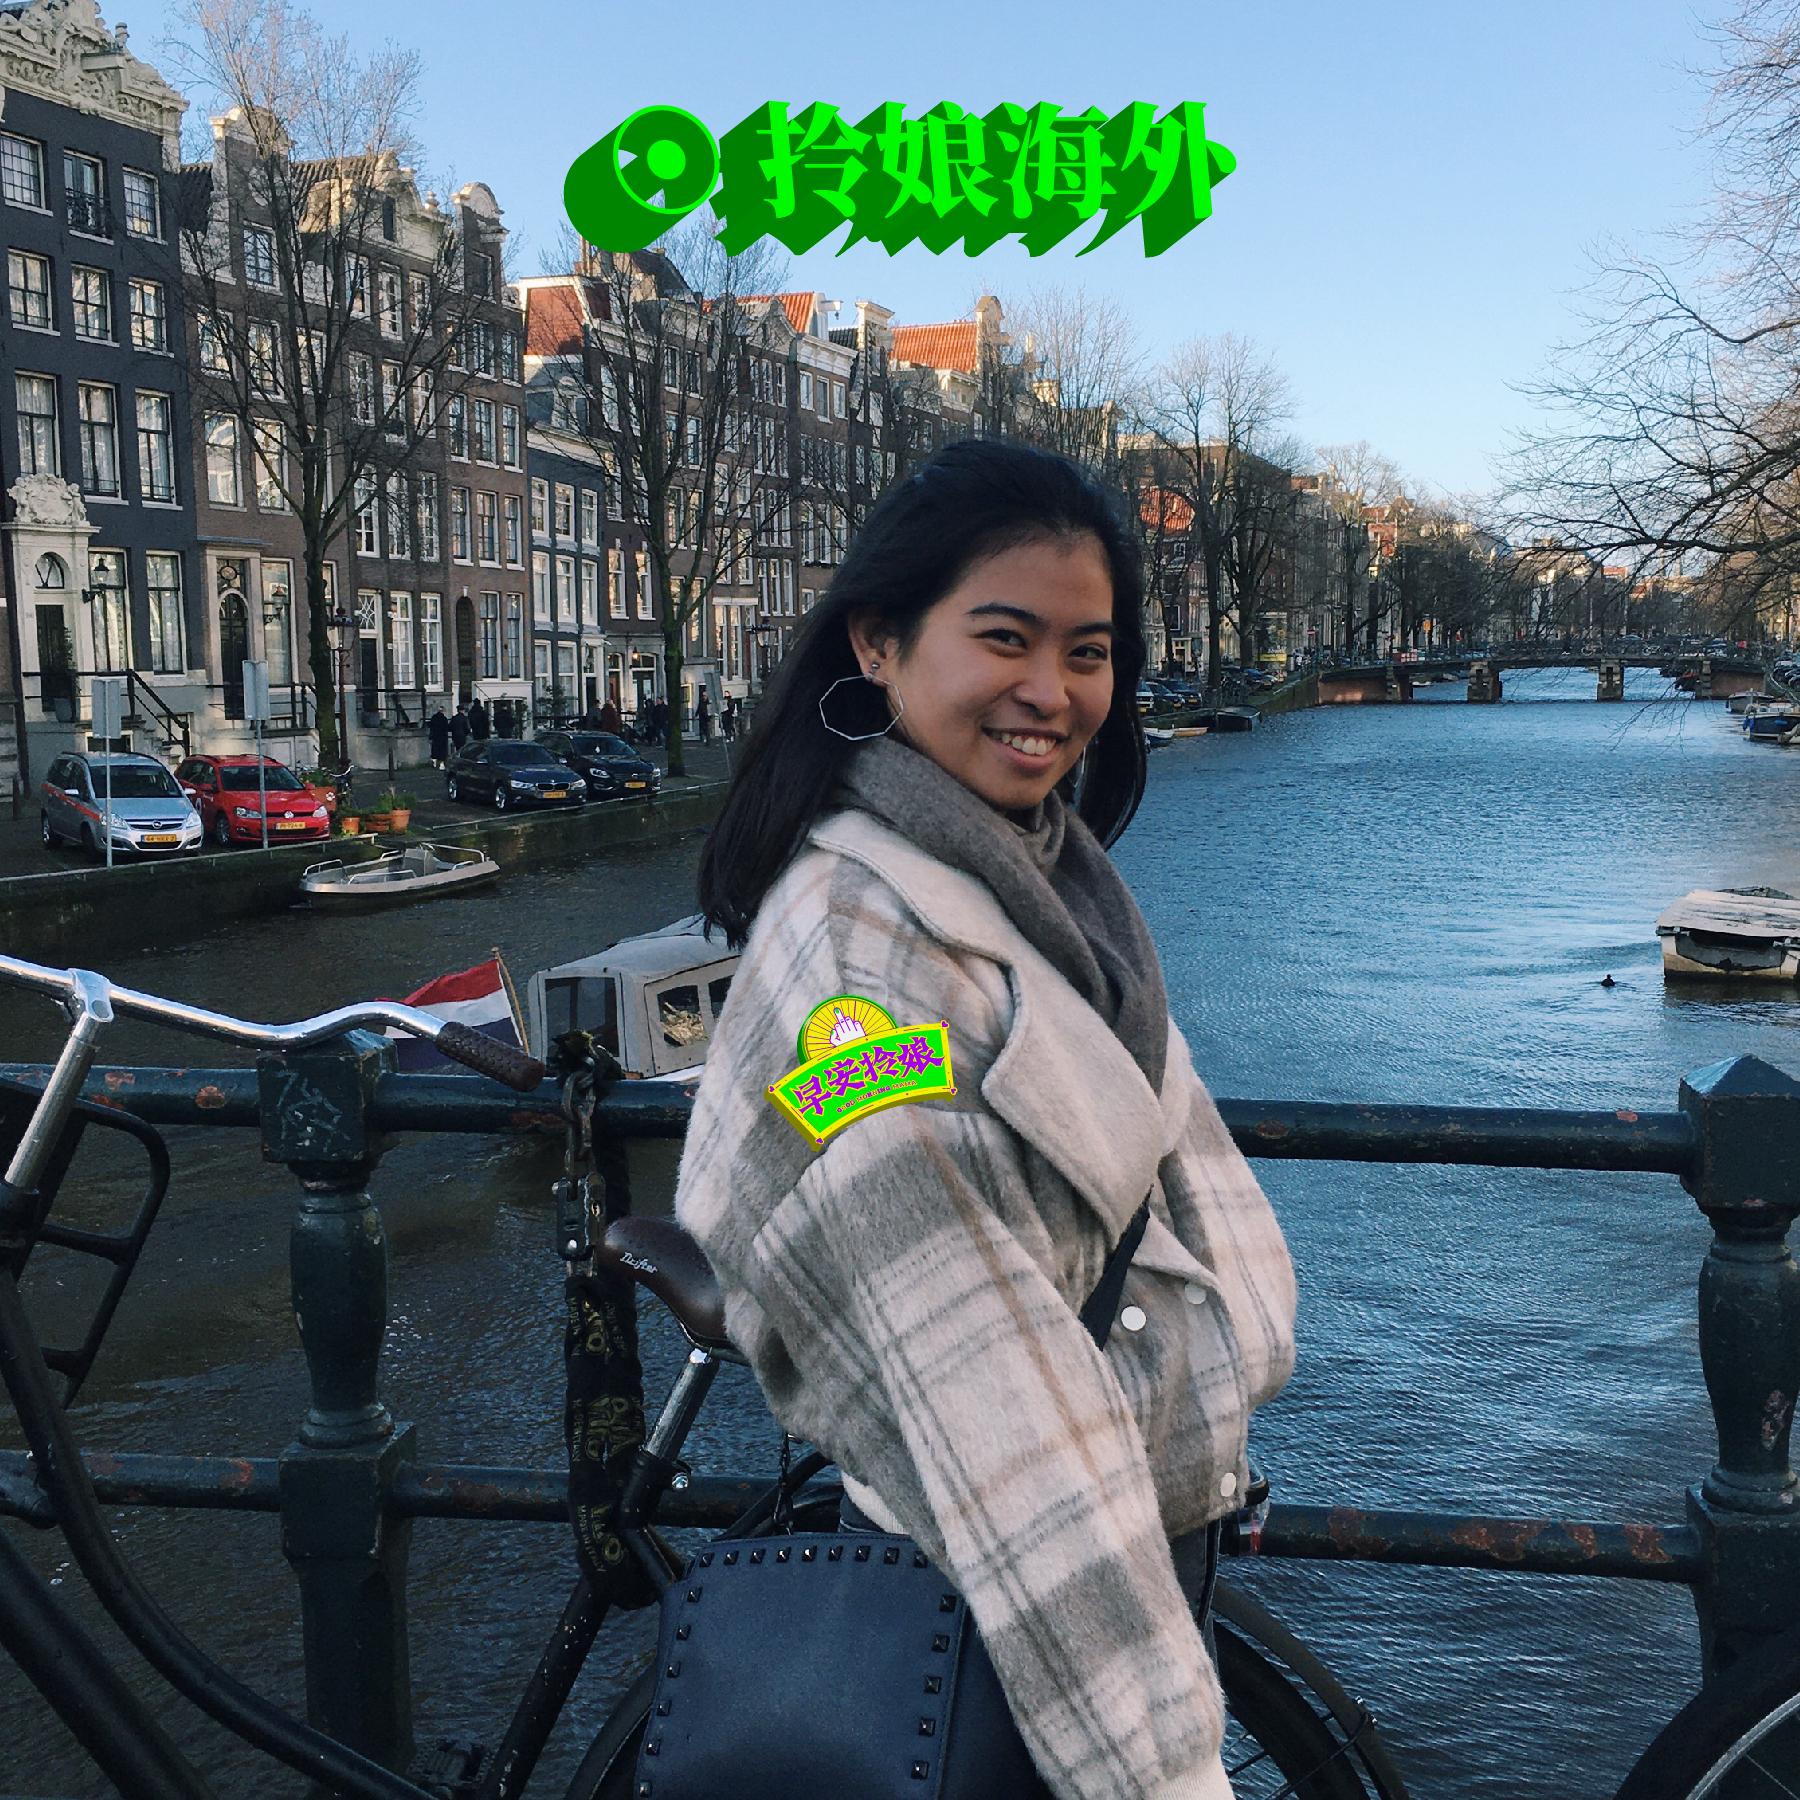 #28 海外 荷蘭紅燈區女郎、呼麻聖地、單車城市 ft. Pussy Protagonist ≖◞౪◟≖